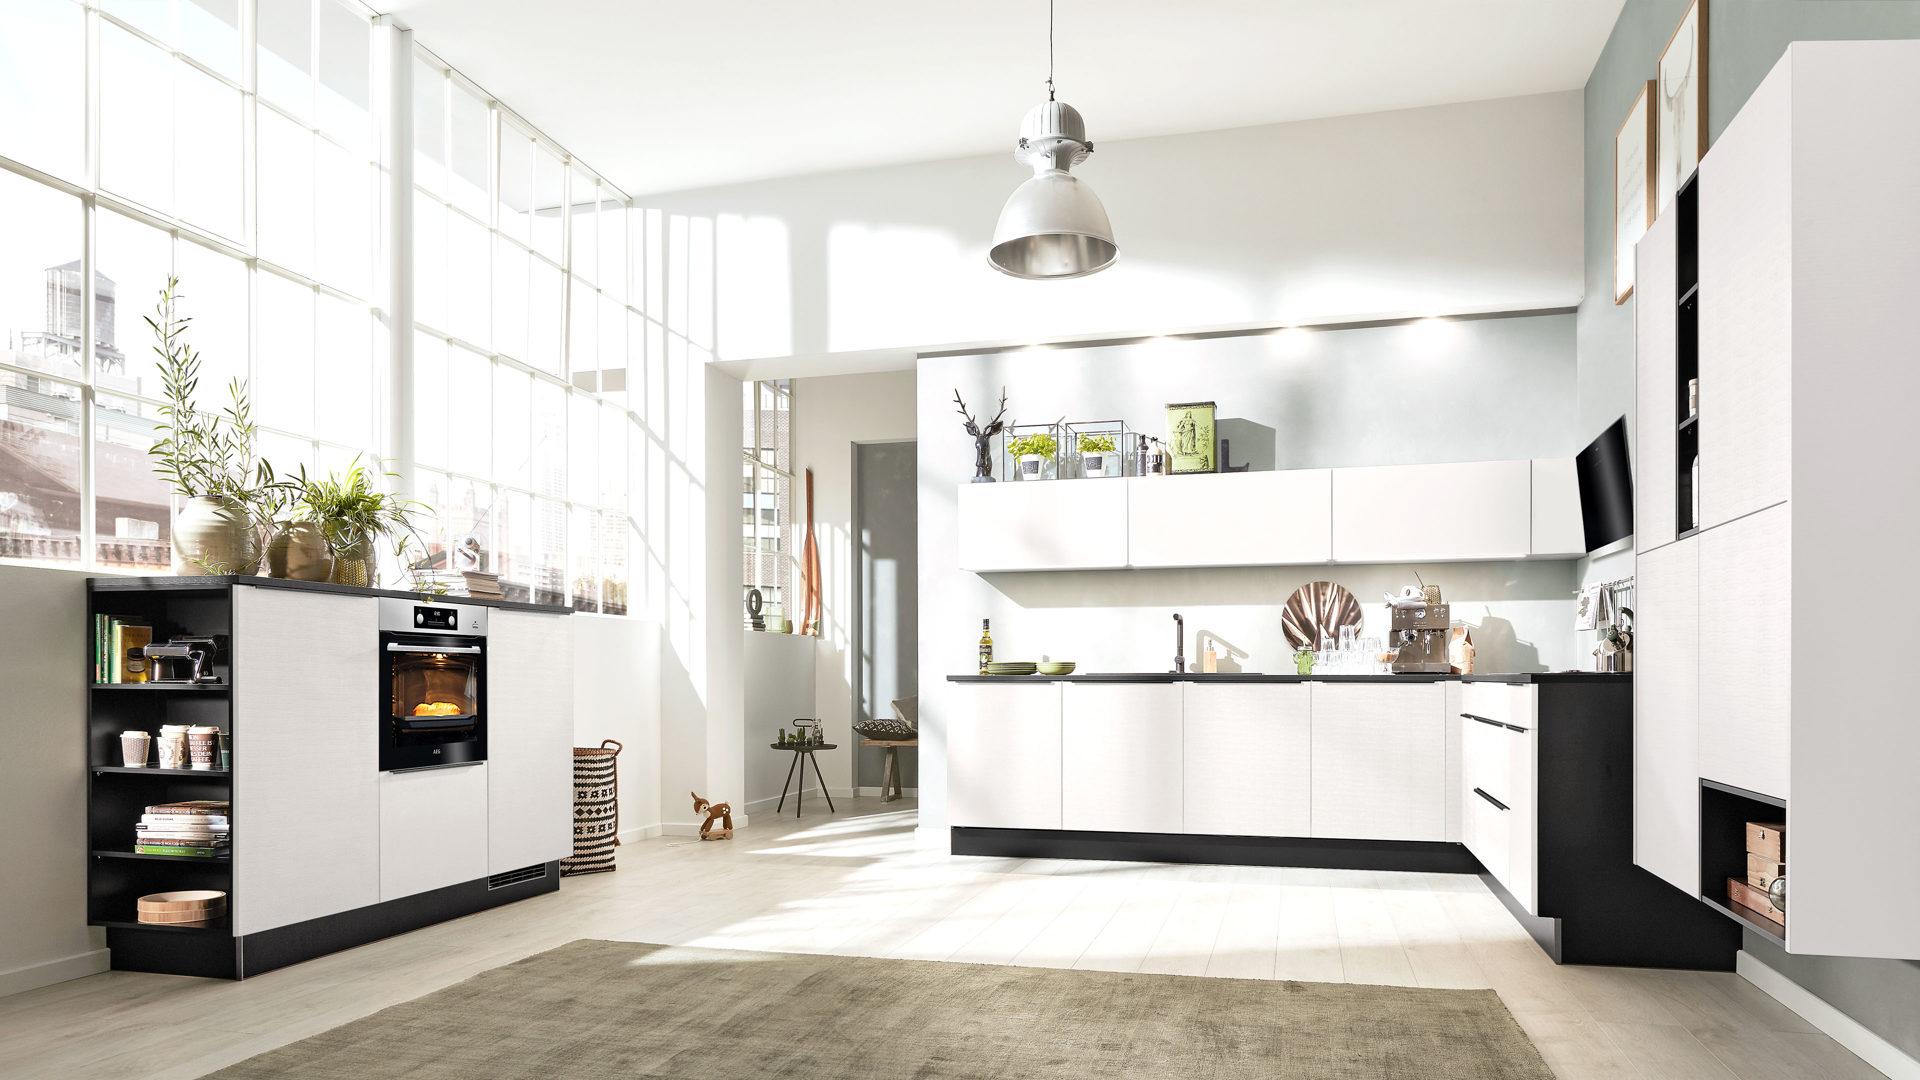 Interliving Küche Serie 3004 mit AEG Einbaugeräten, cottonweiße &  cottonschwarze Kunststoffoberflächen – vierteilig